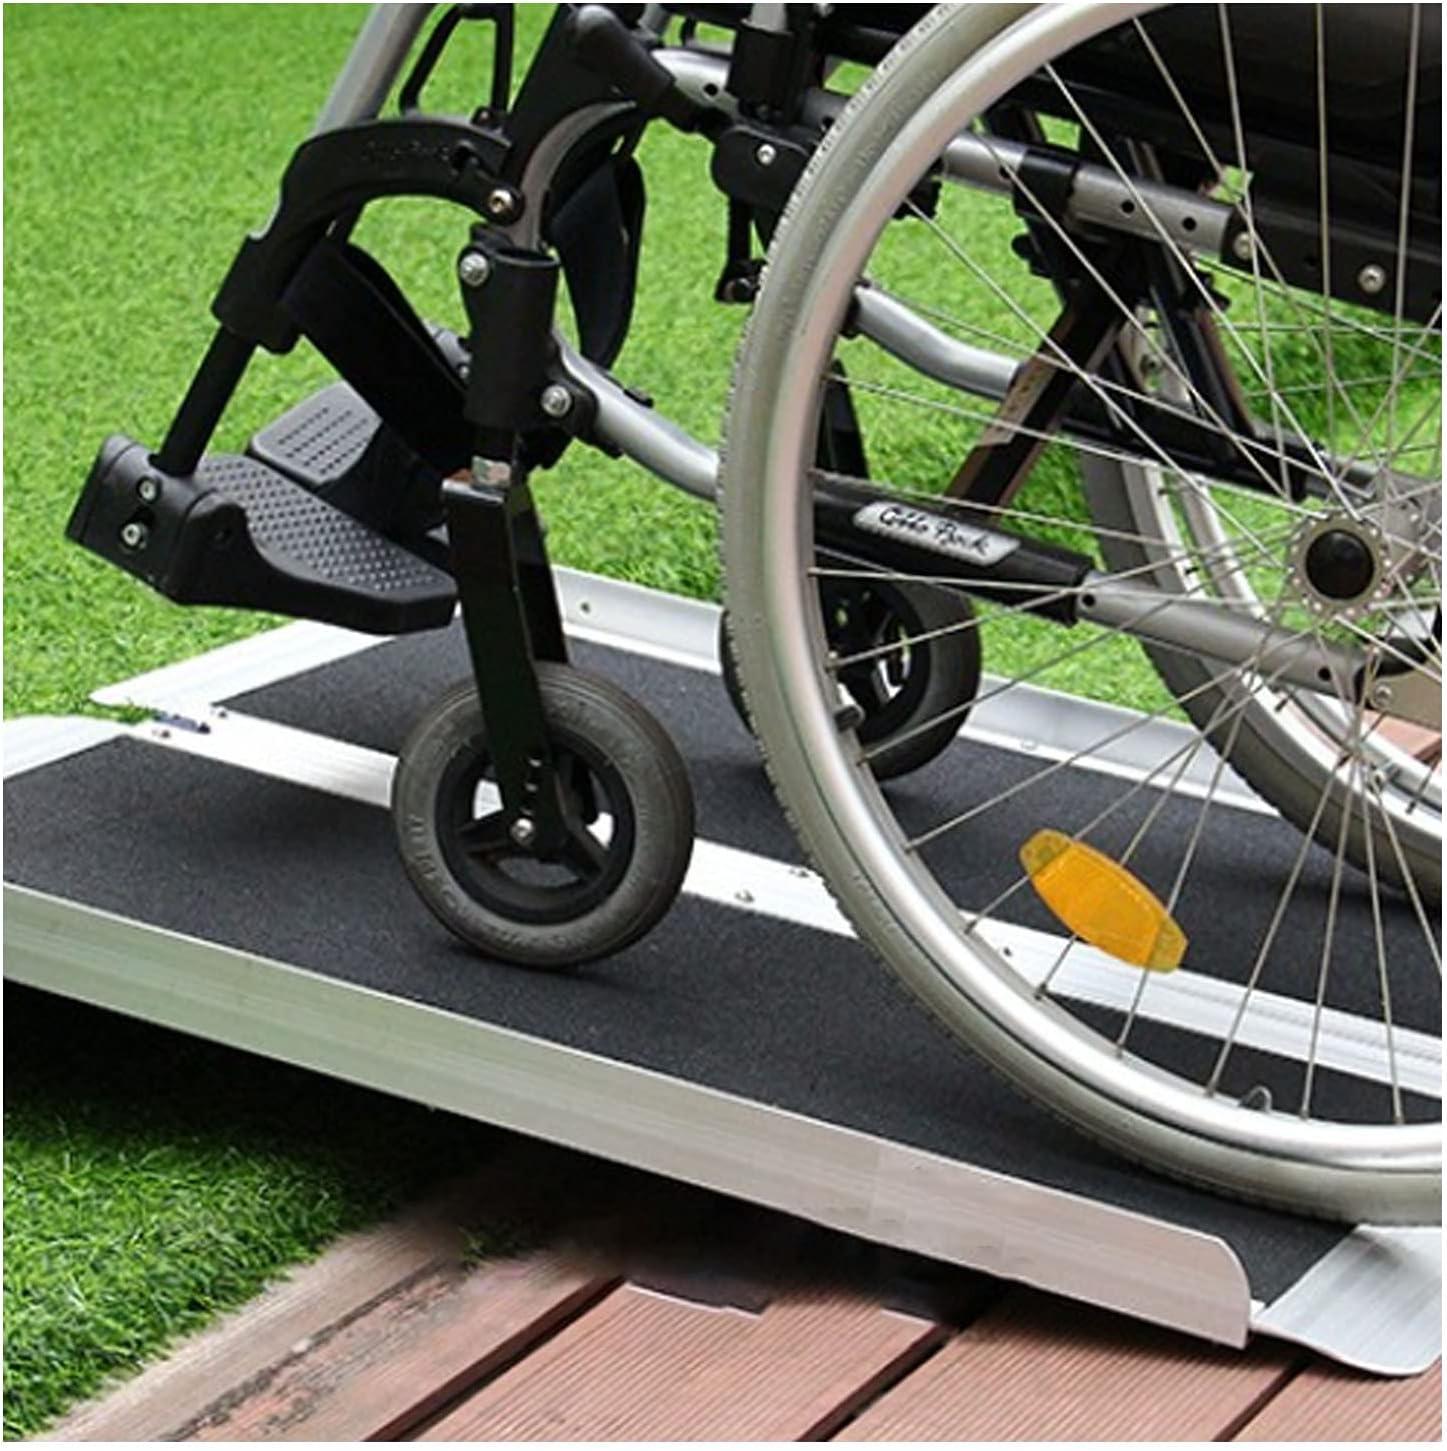 LIPINCMX Rampa de Silla de Ruedas Mejorada Rampa de Silla de Ruedas portátil de Aluminio Resistente con Superficie Antideslizante Innovadora rampa de umbral Ancho para sillas de Ruedas, Scooters